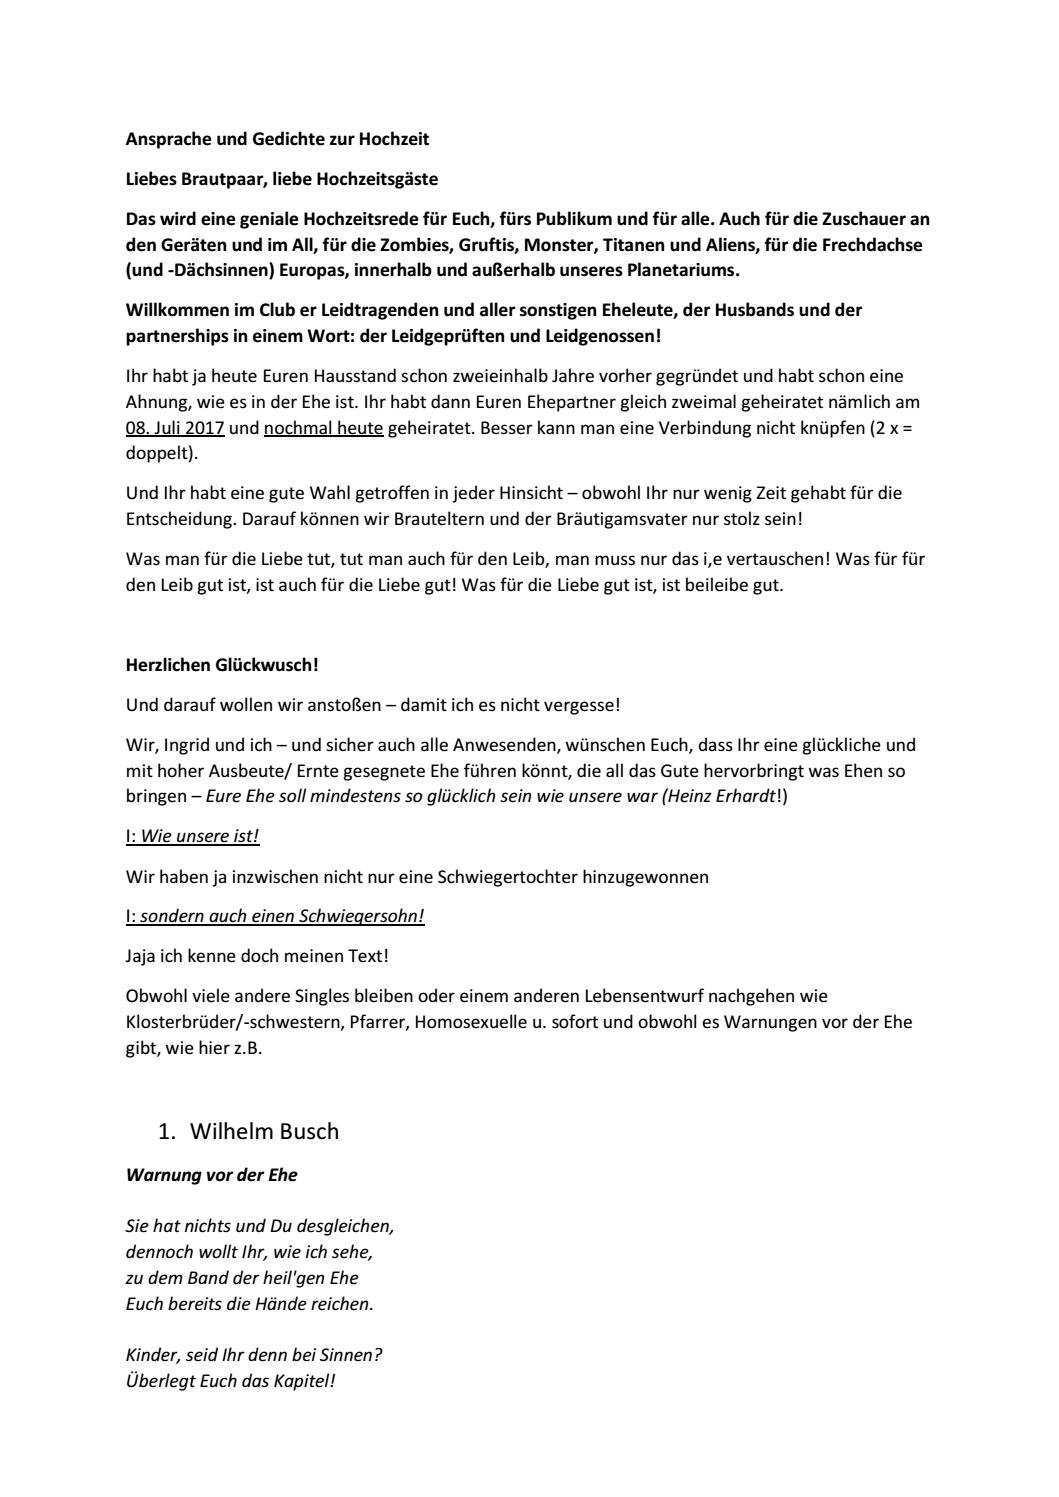 Hochzeitsrede Und Gedichte Zur Hochzeit By Kruis Klaus Issuu